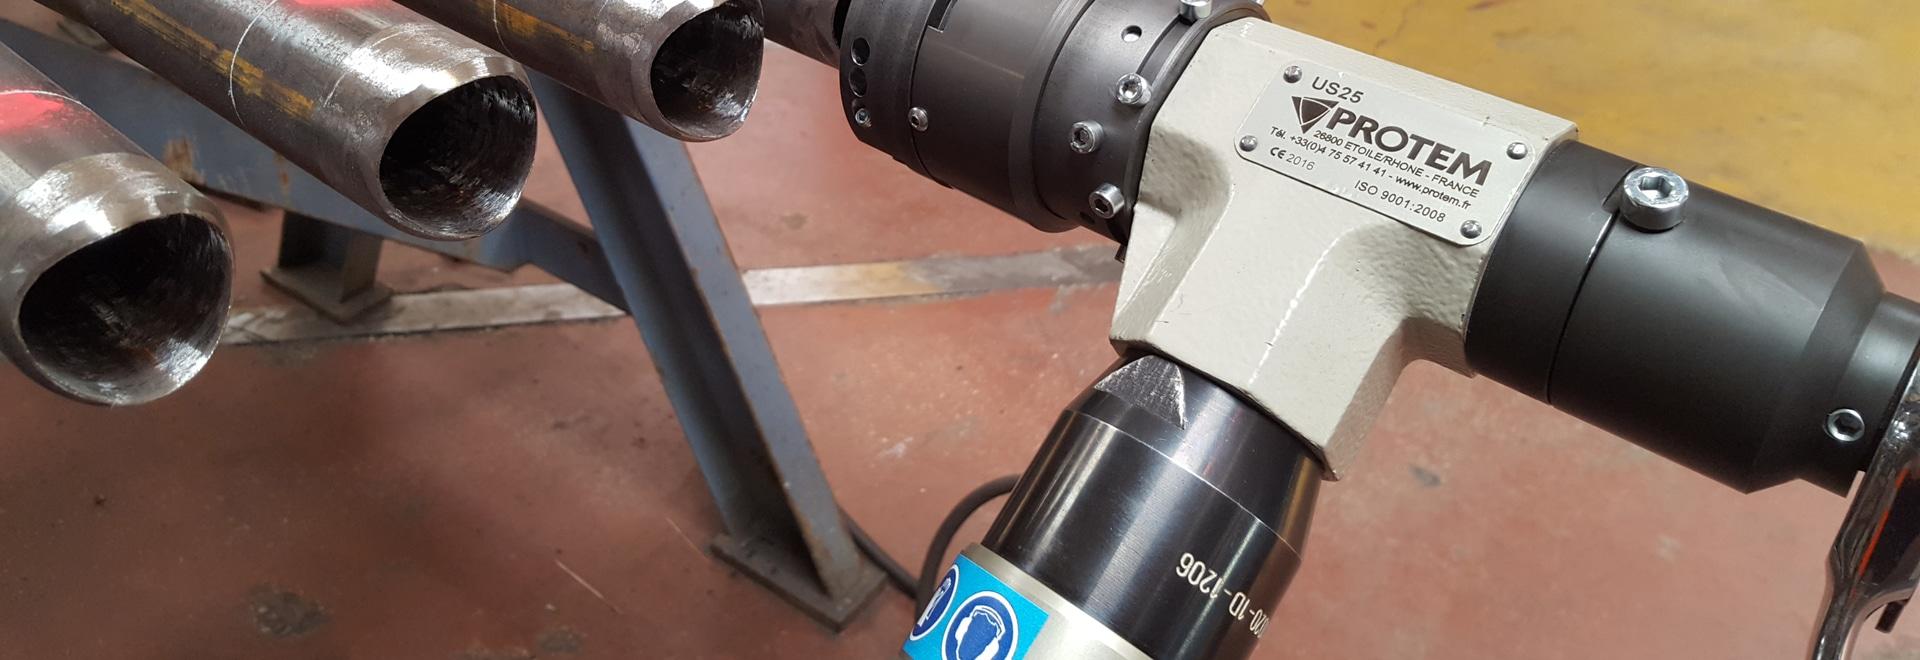 US25GL - SADDLE BEVELING MACHINE